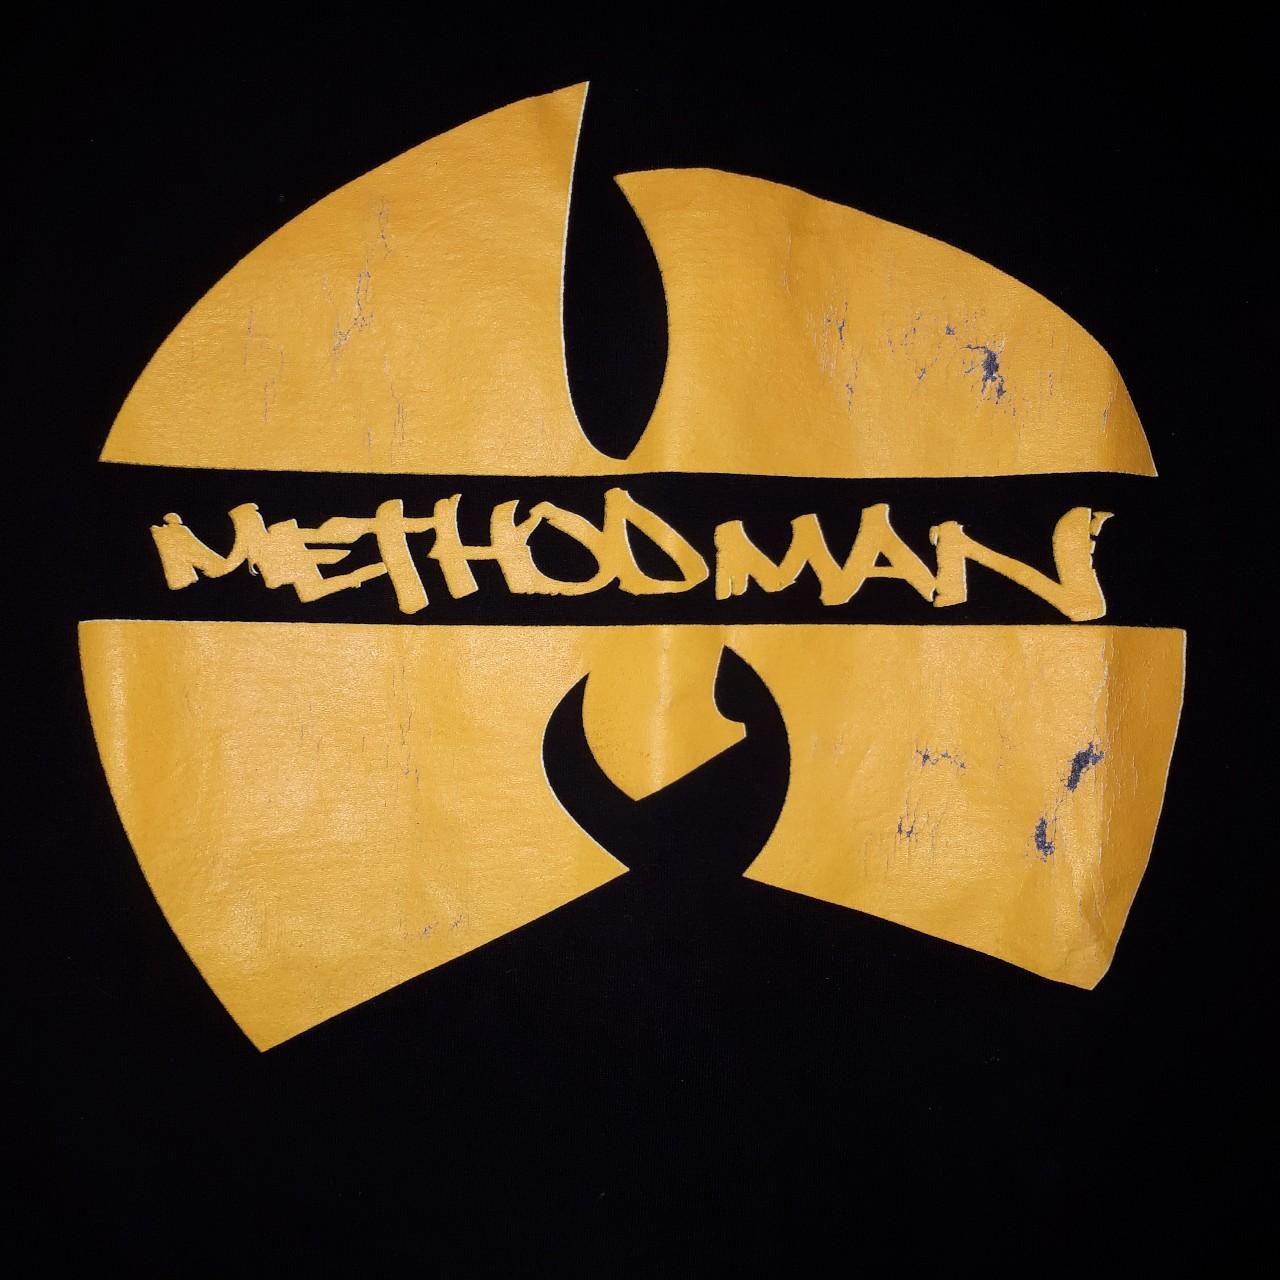 Medium Method Man Wutang shirt used but still in.